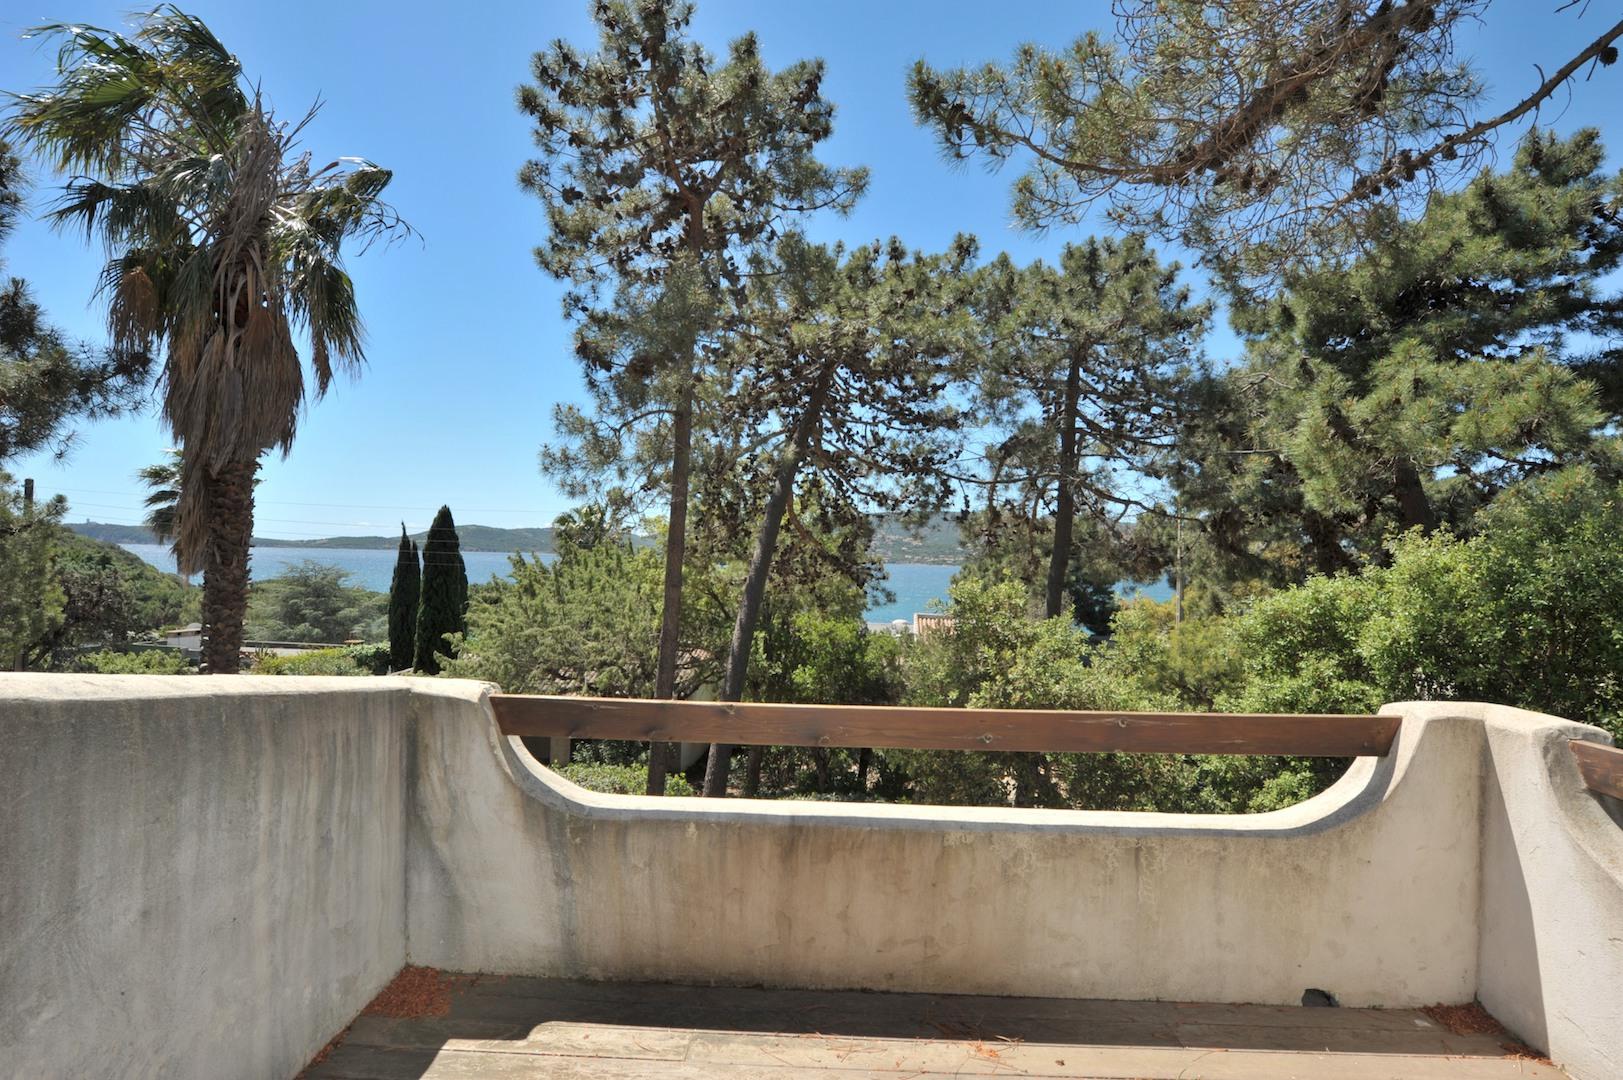 DOMAINE PRIVÉ DE CALA ROSSA, à 100m. à pied de la plage: Villa T-5 TRÉS BELLE VUE MER ET PISCINABLE.